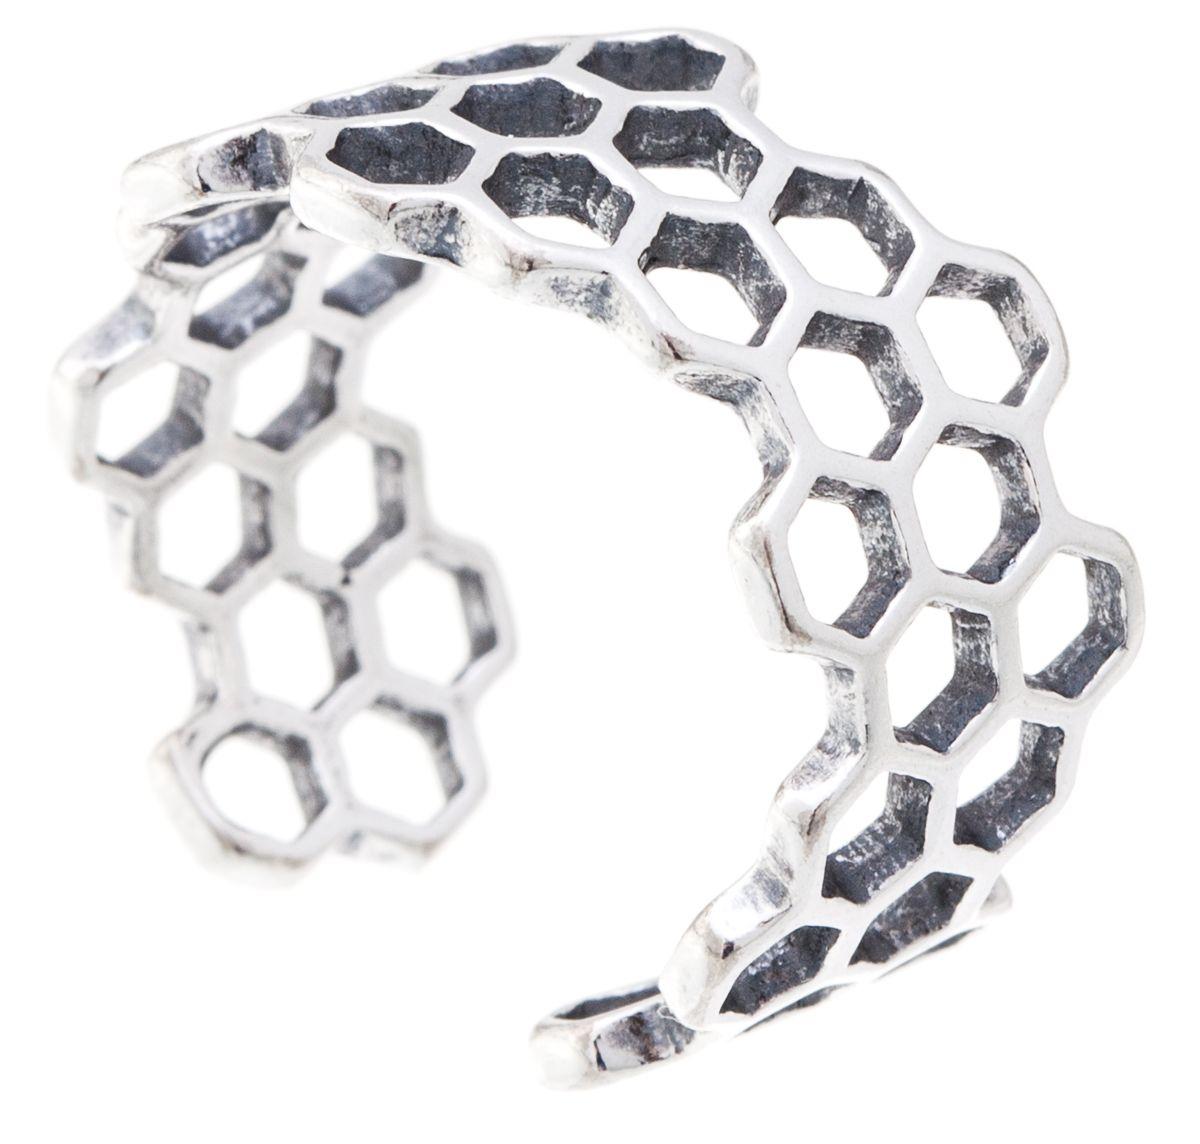 Jenavi, Коллекция Young 2, Ланда (Кольцо), цвет - серебро, , размер - 19f6573090Коллекция Young 2, Ланда (Кольцо) гипоаллергенный ювелирный сплав,Черненое серебро, вставка без вставок, цвет - серебро, , размер - 19